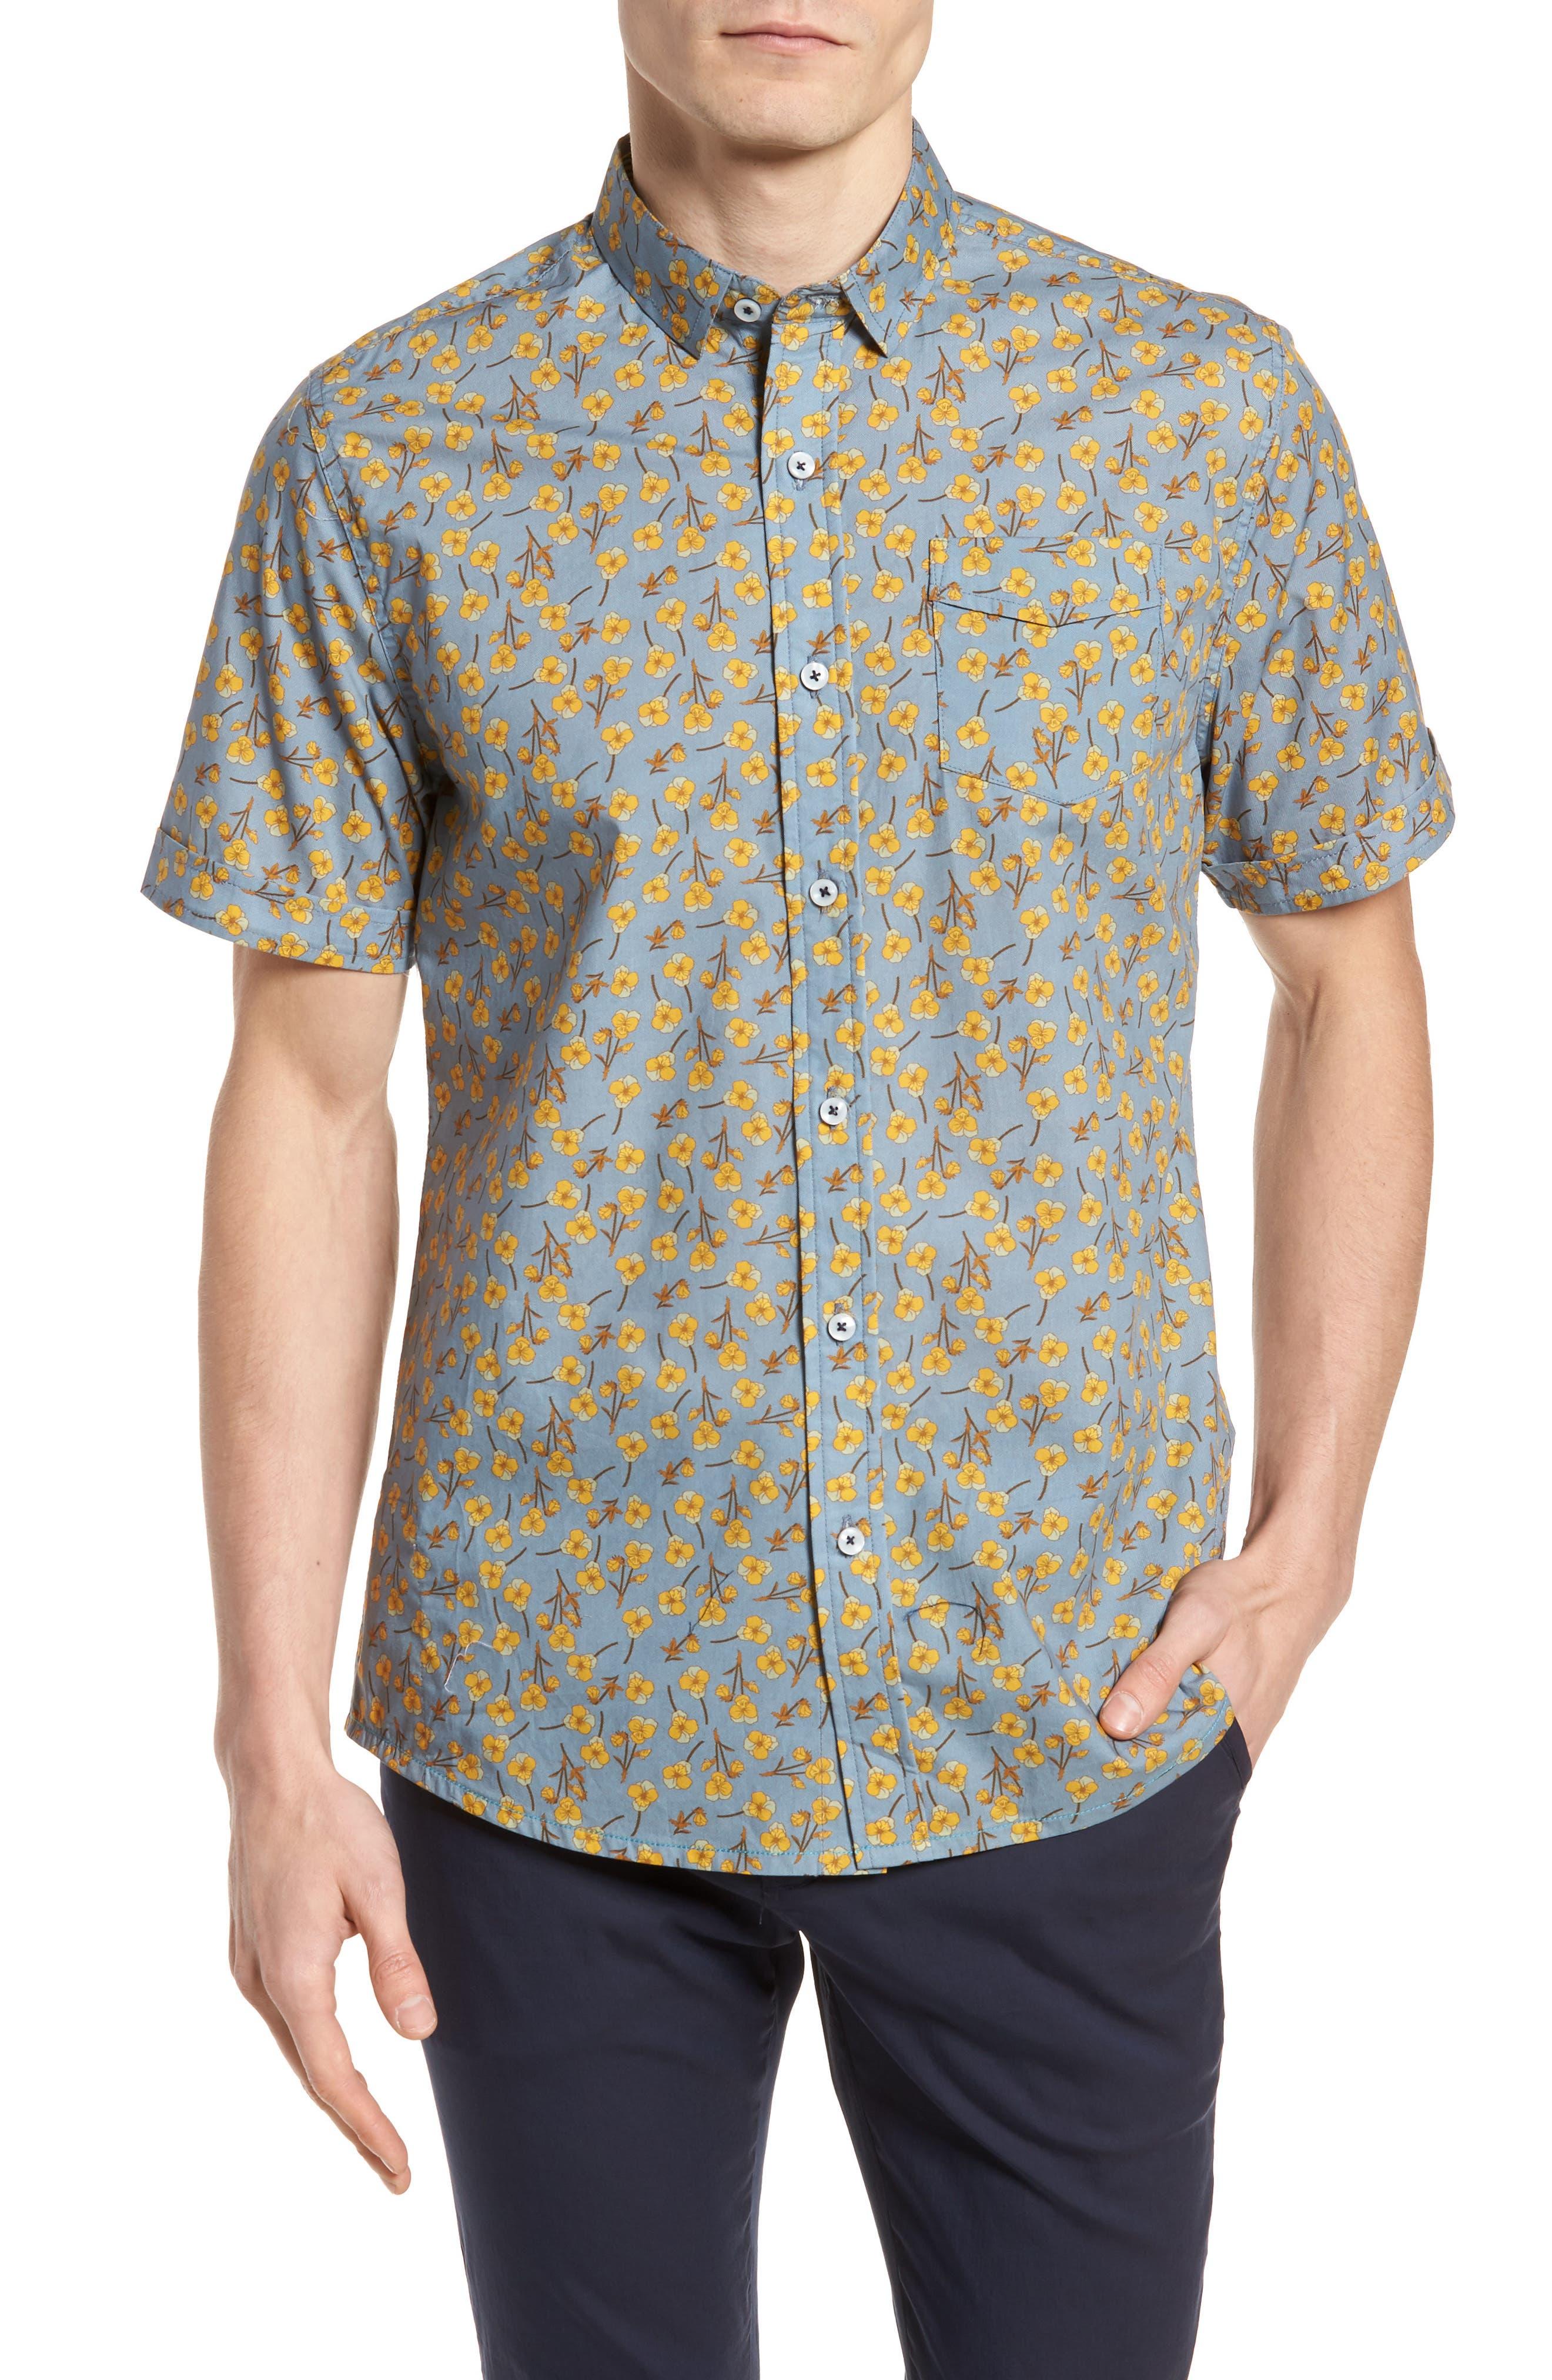 Golden Flower Shirt,                             Main thumbnail 1, color,                             Gold